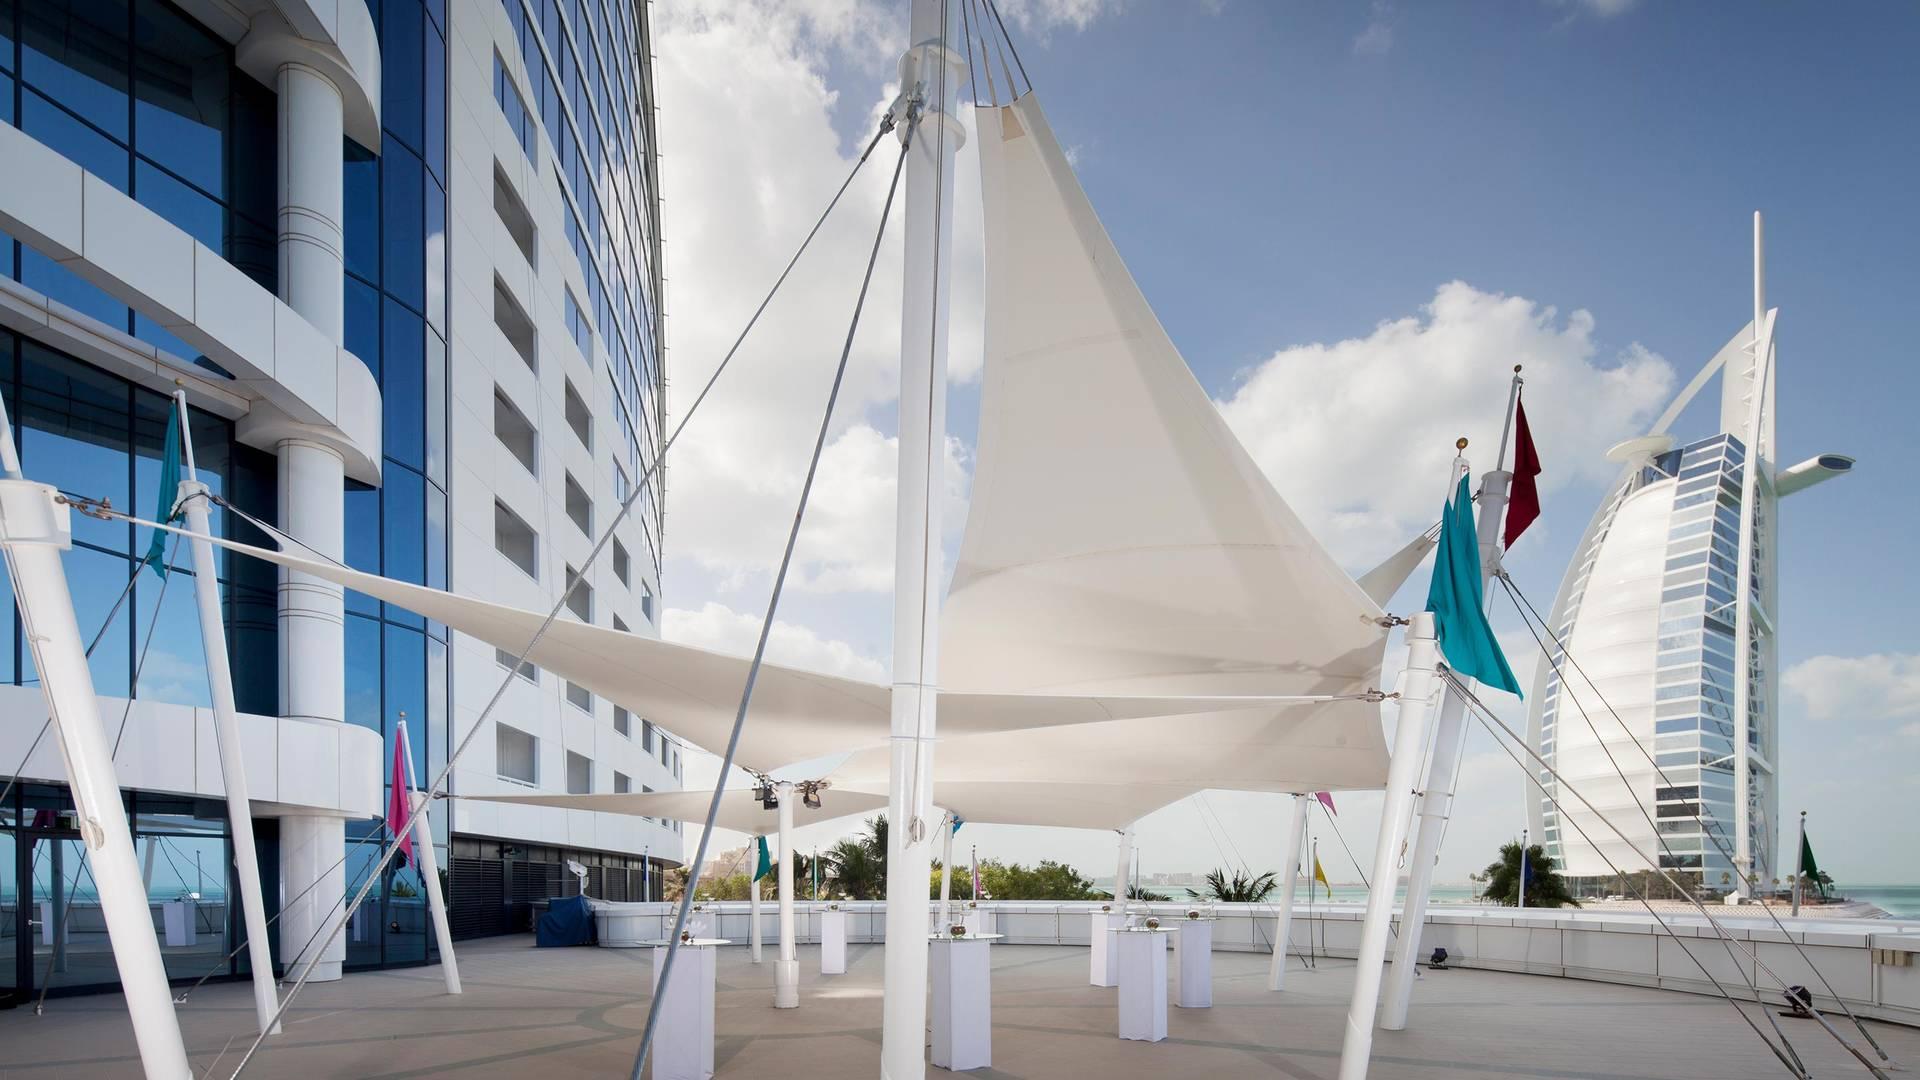 https://cdn.jumeirah.com/-/mediadh/DH/Hospitality/Jumeirah/Occasion/Dubai/Jumeirah-Beach-Hotel/Sundeck/Jumeirah-Beach-Hotel-Sundeck-Events-Area_16-9.jpg?h=1080&w=1920&hash=878A6FD9257AA399B119E8D33477C9B8